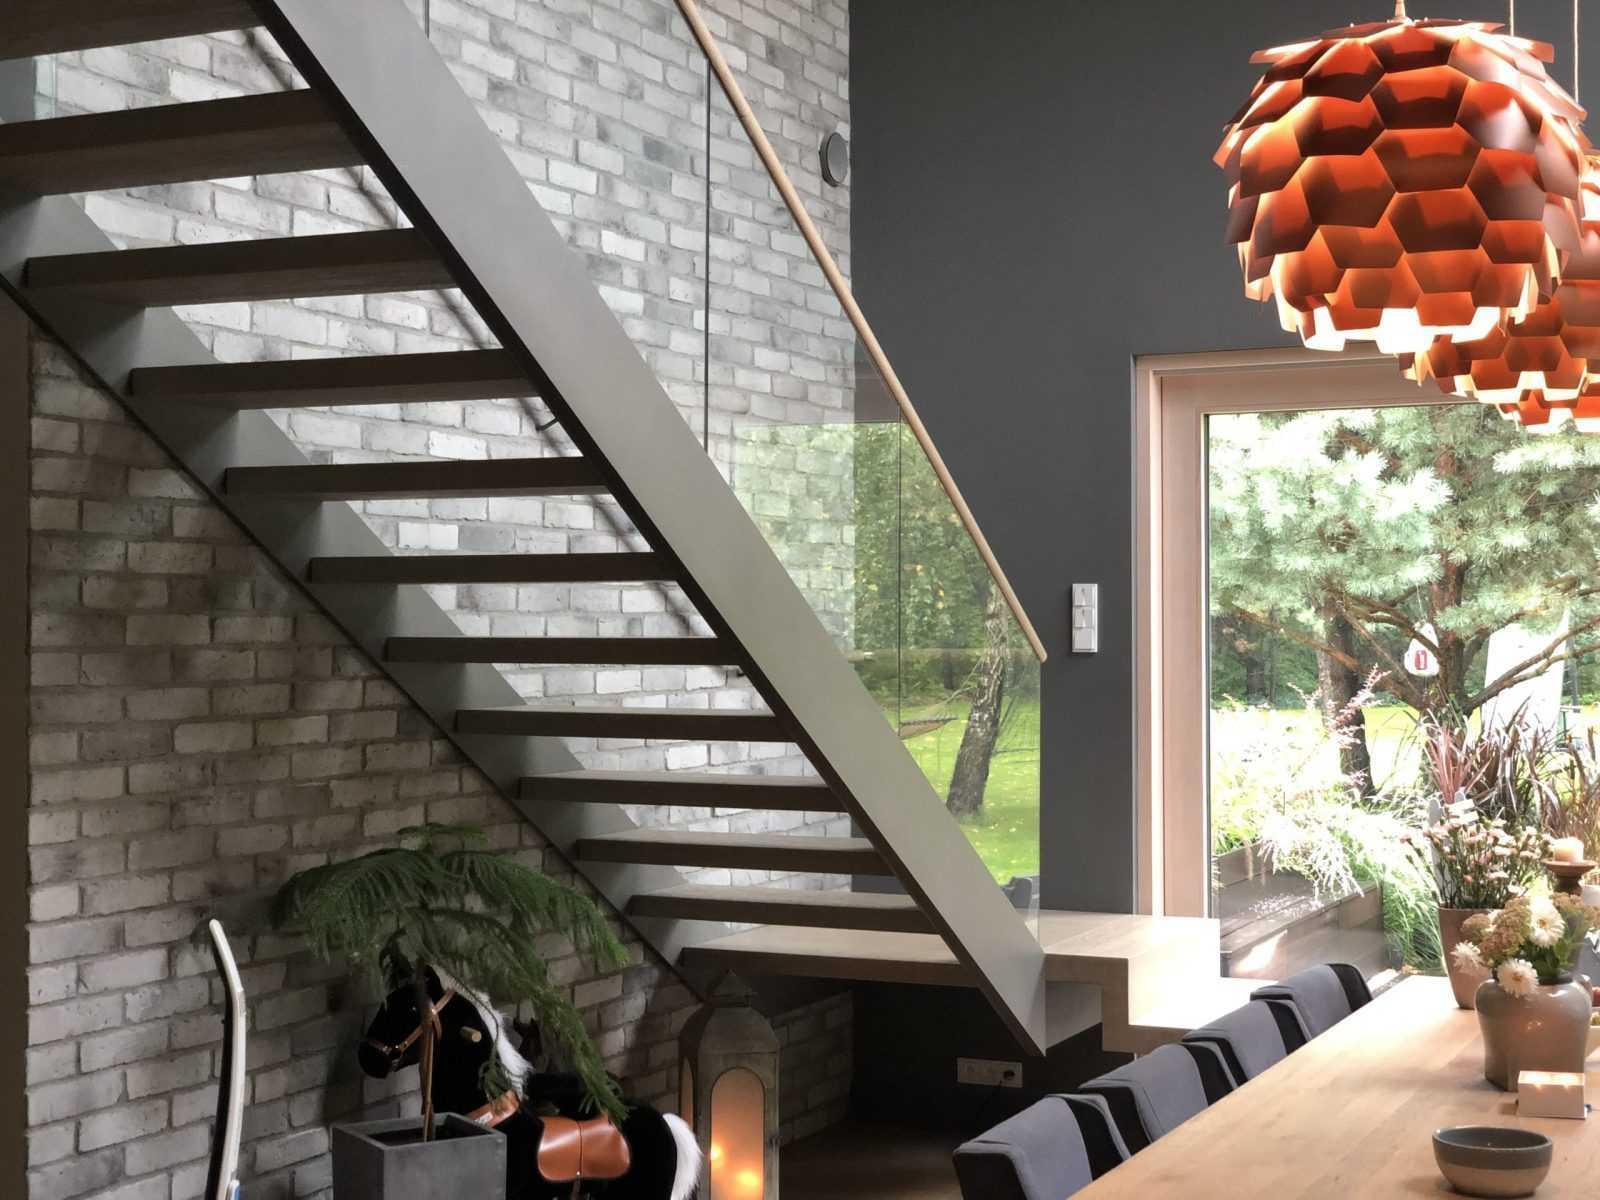 fullmet-konstrukcje-stalowe-schody metalowe1